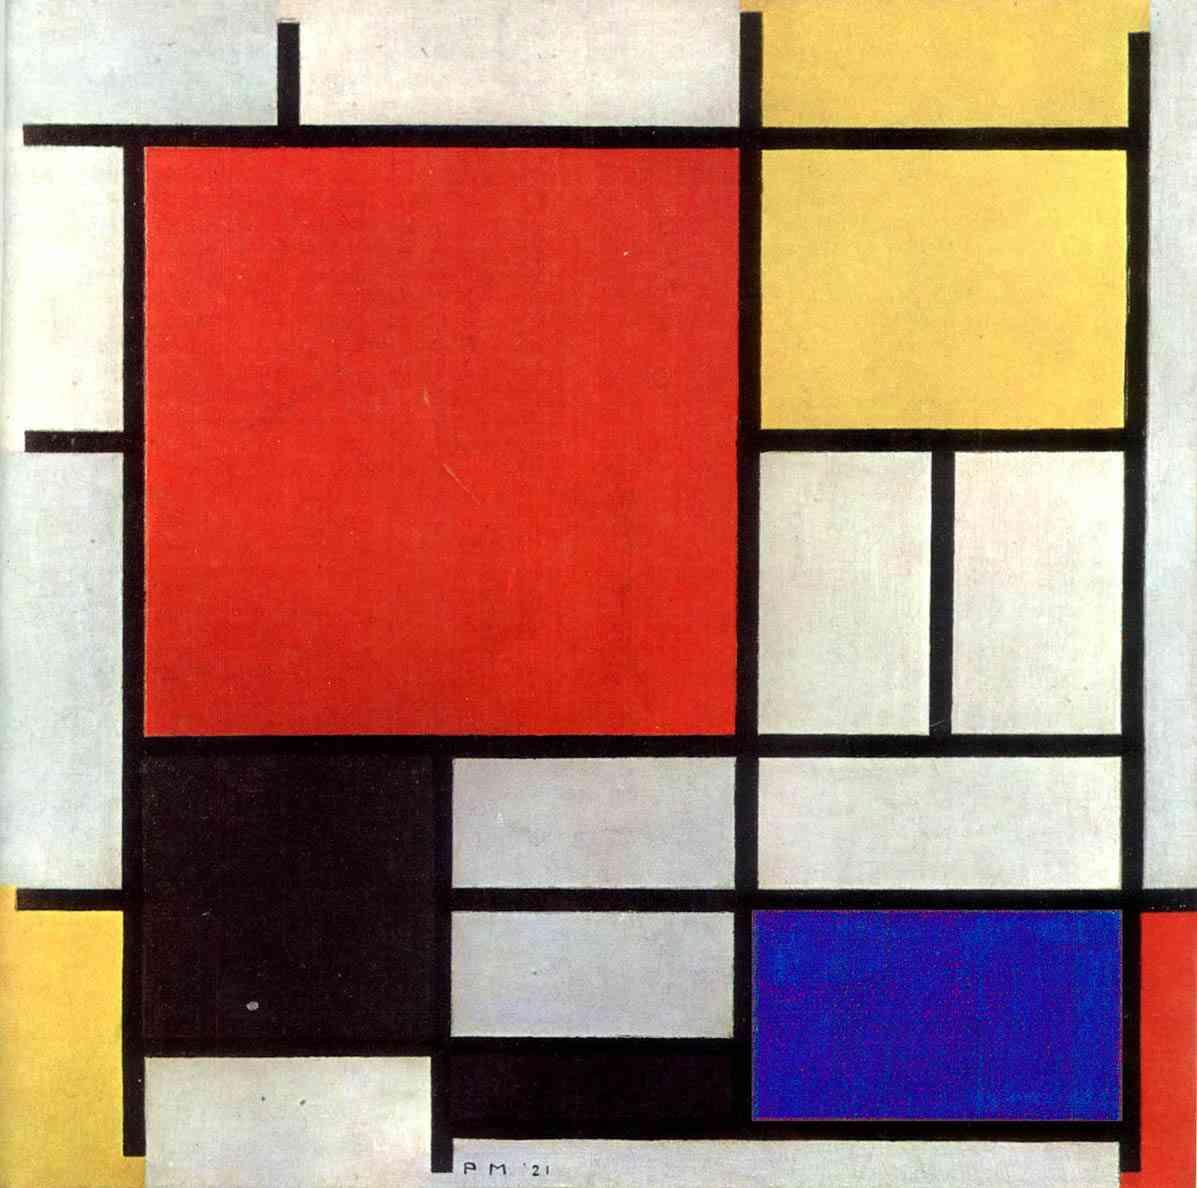 Composição com vermelho, amarelo, azul e preto. Quadro de Piet Mondrian – 1921. Fonte: Infoescola